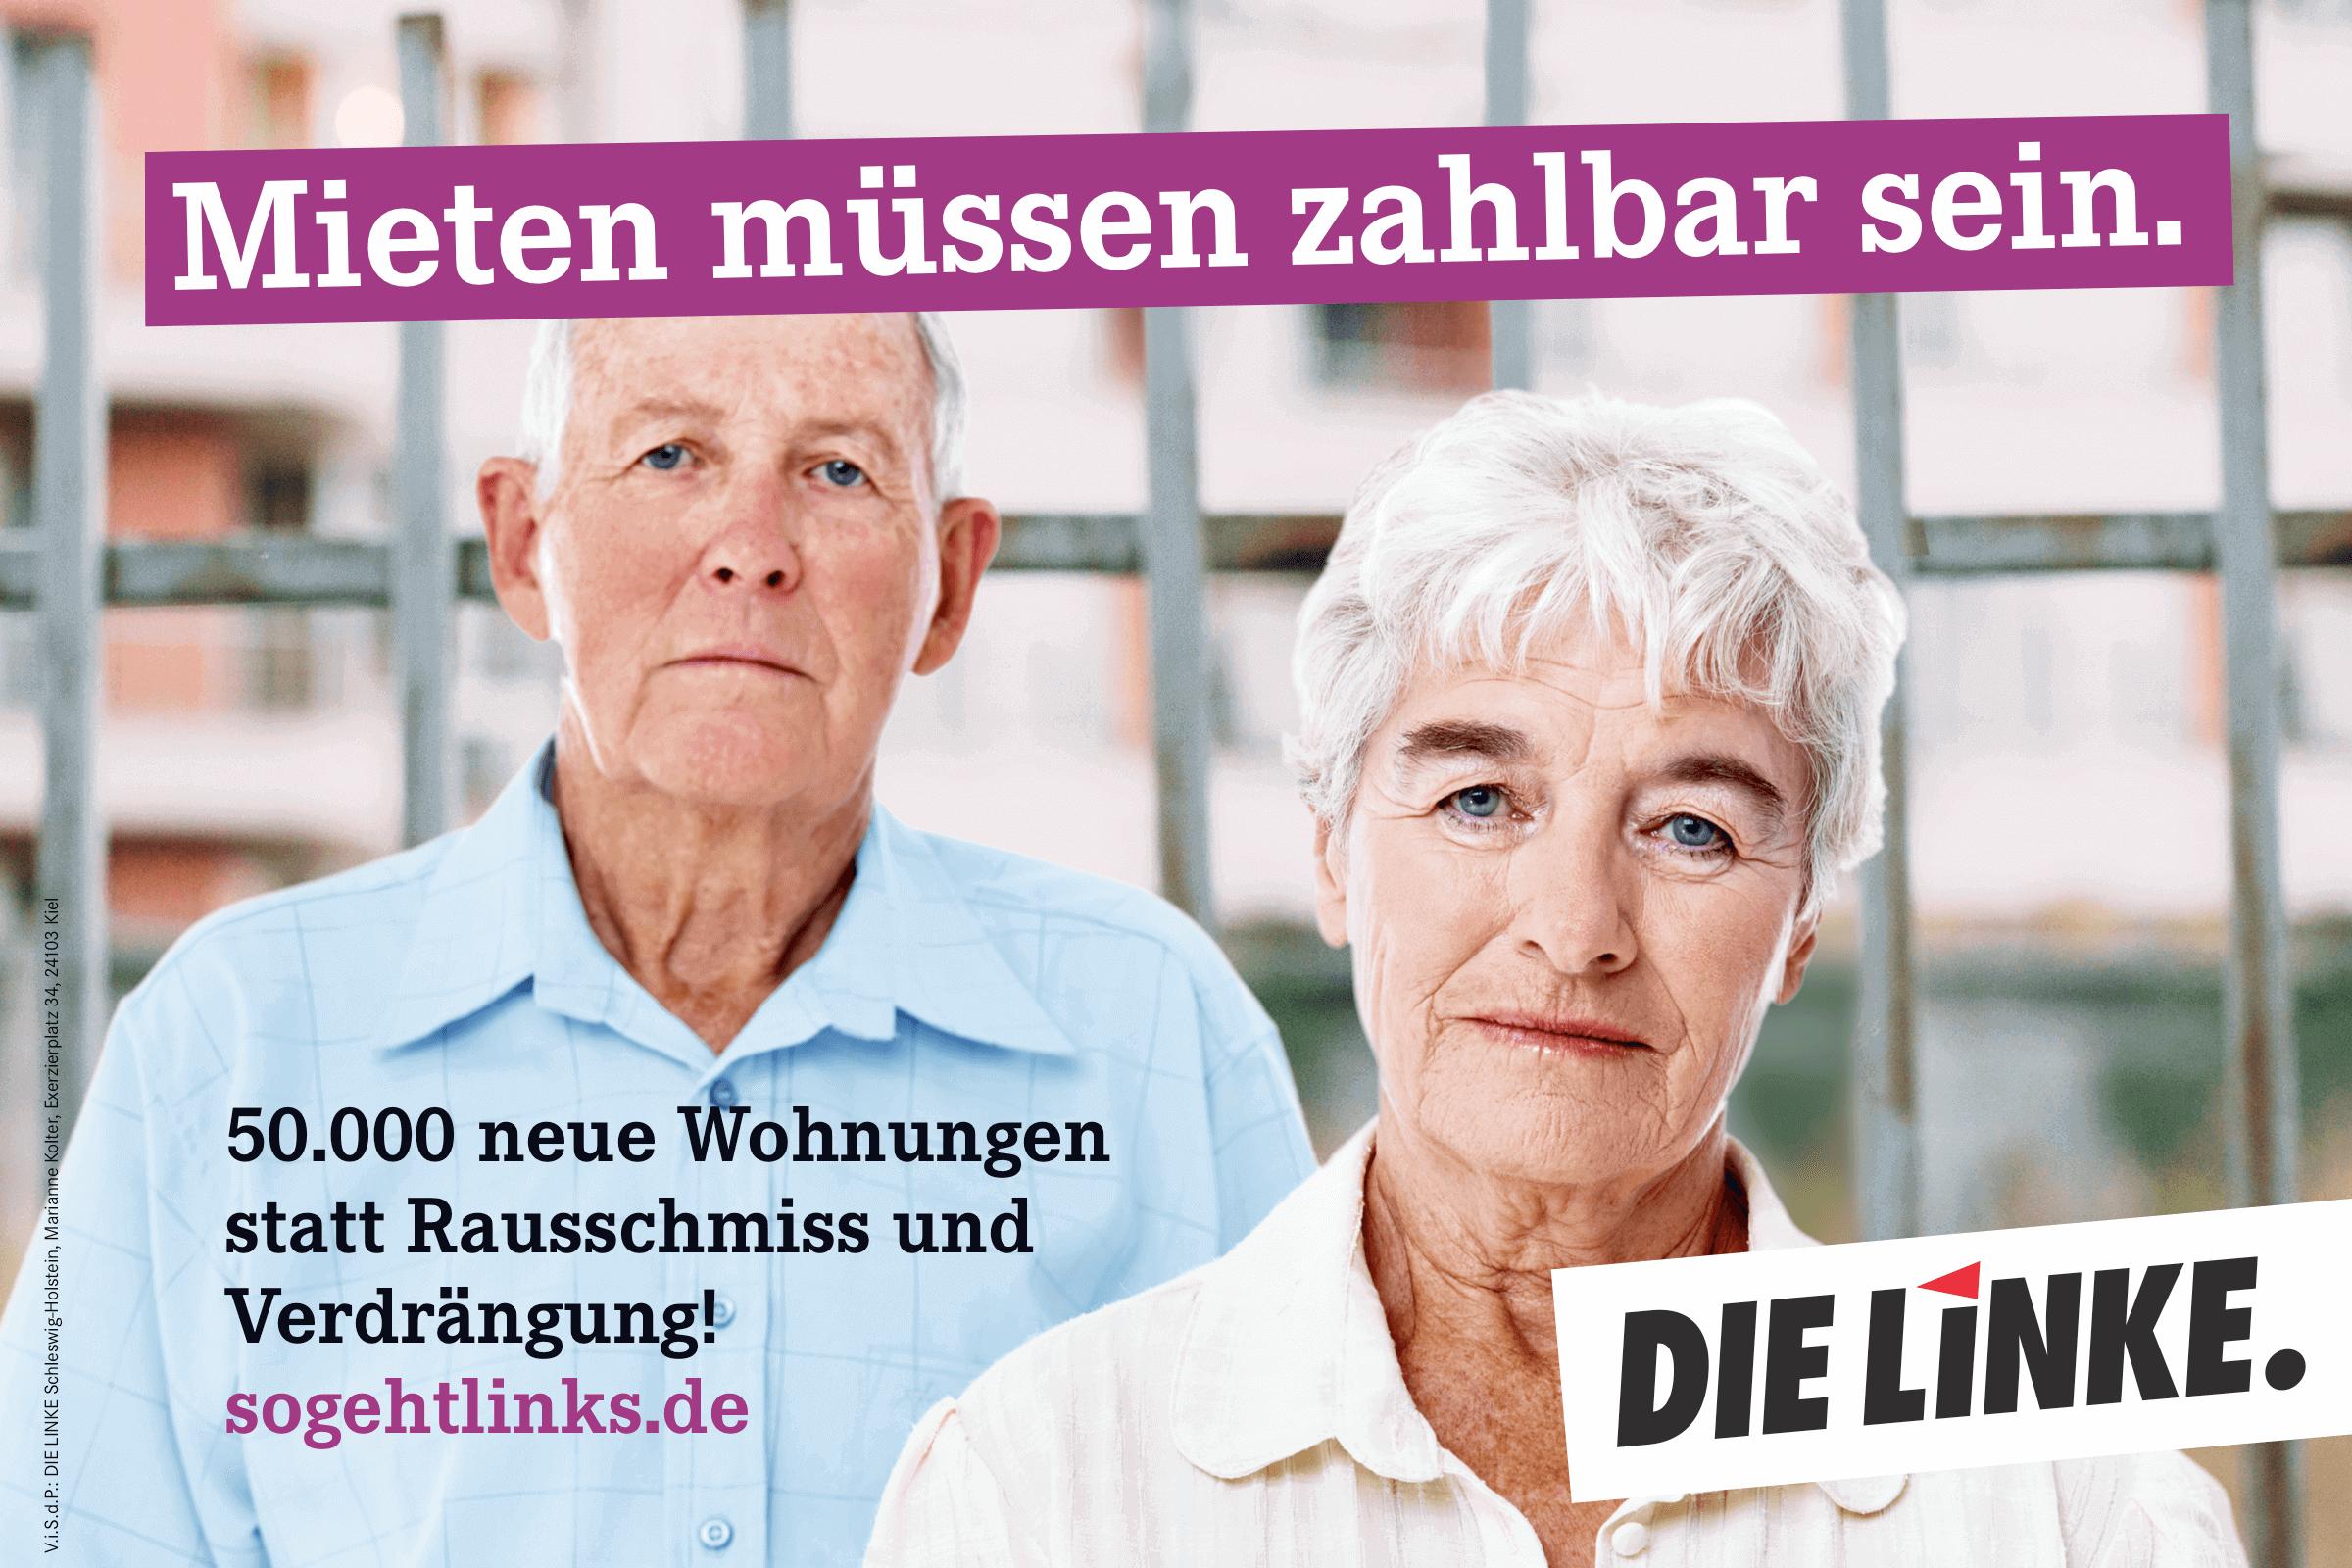 Mieten müssen zahlbar sein. 50 000 neue Wohnungen statt Rausschmiss und Verdrängung! (Plakat DIE LINKE zur Landtagswahl 2017 in Schleswig-Holstein)